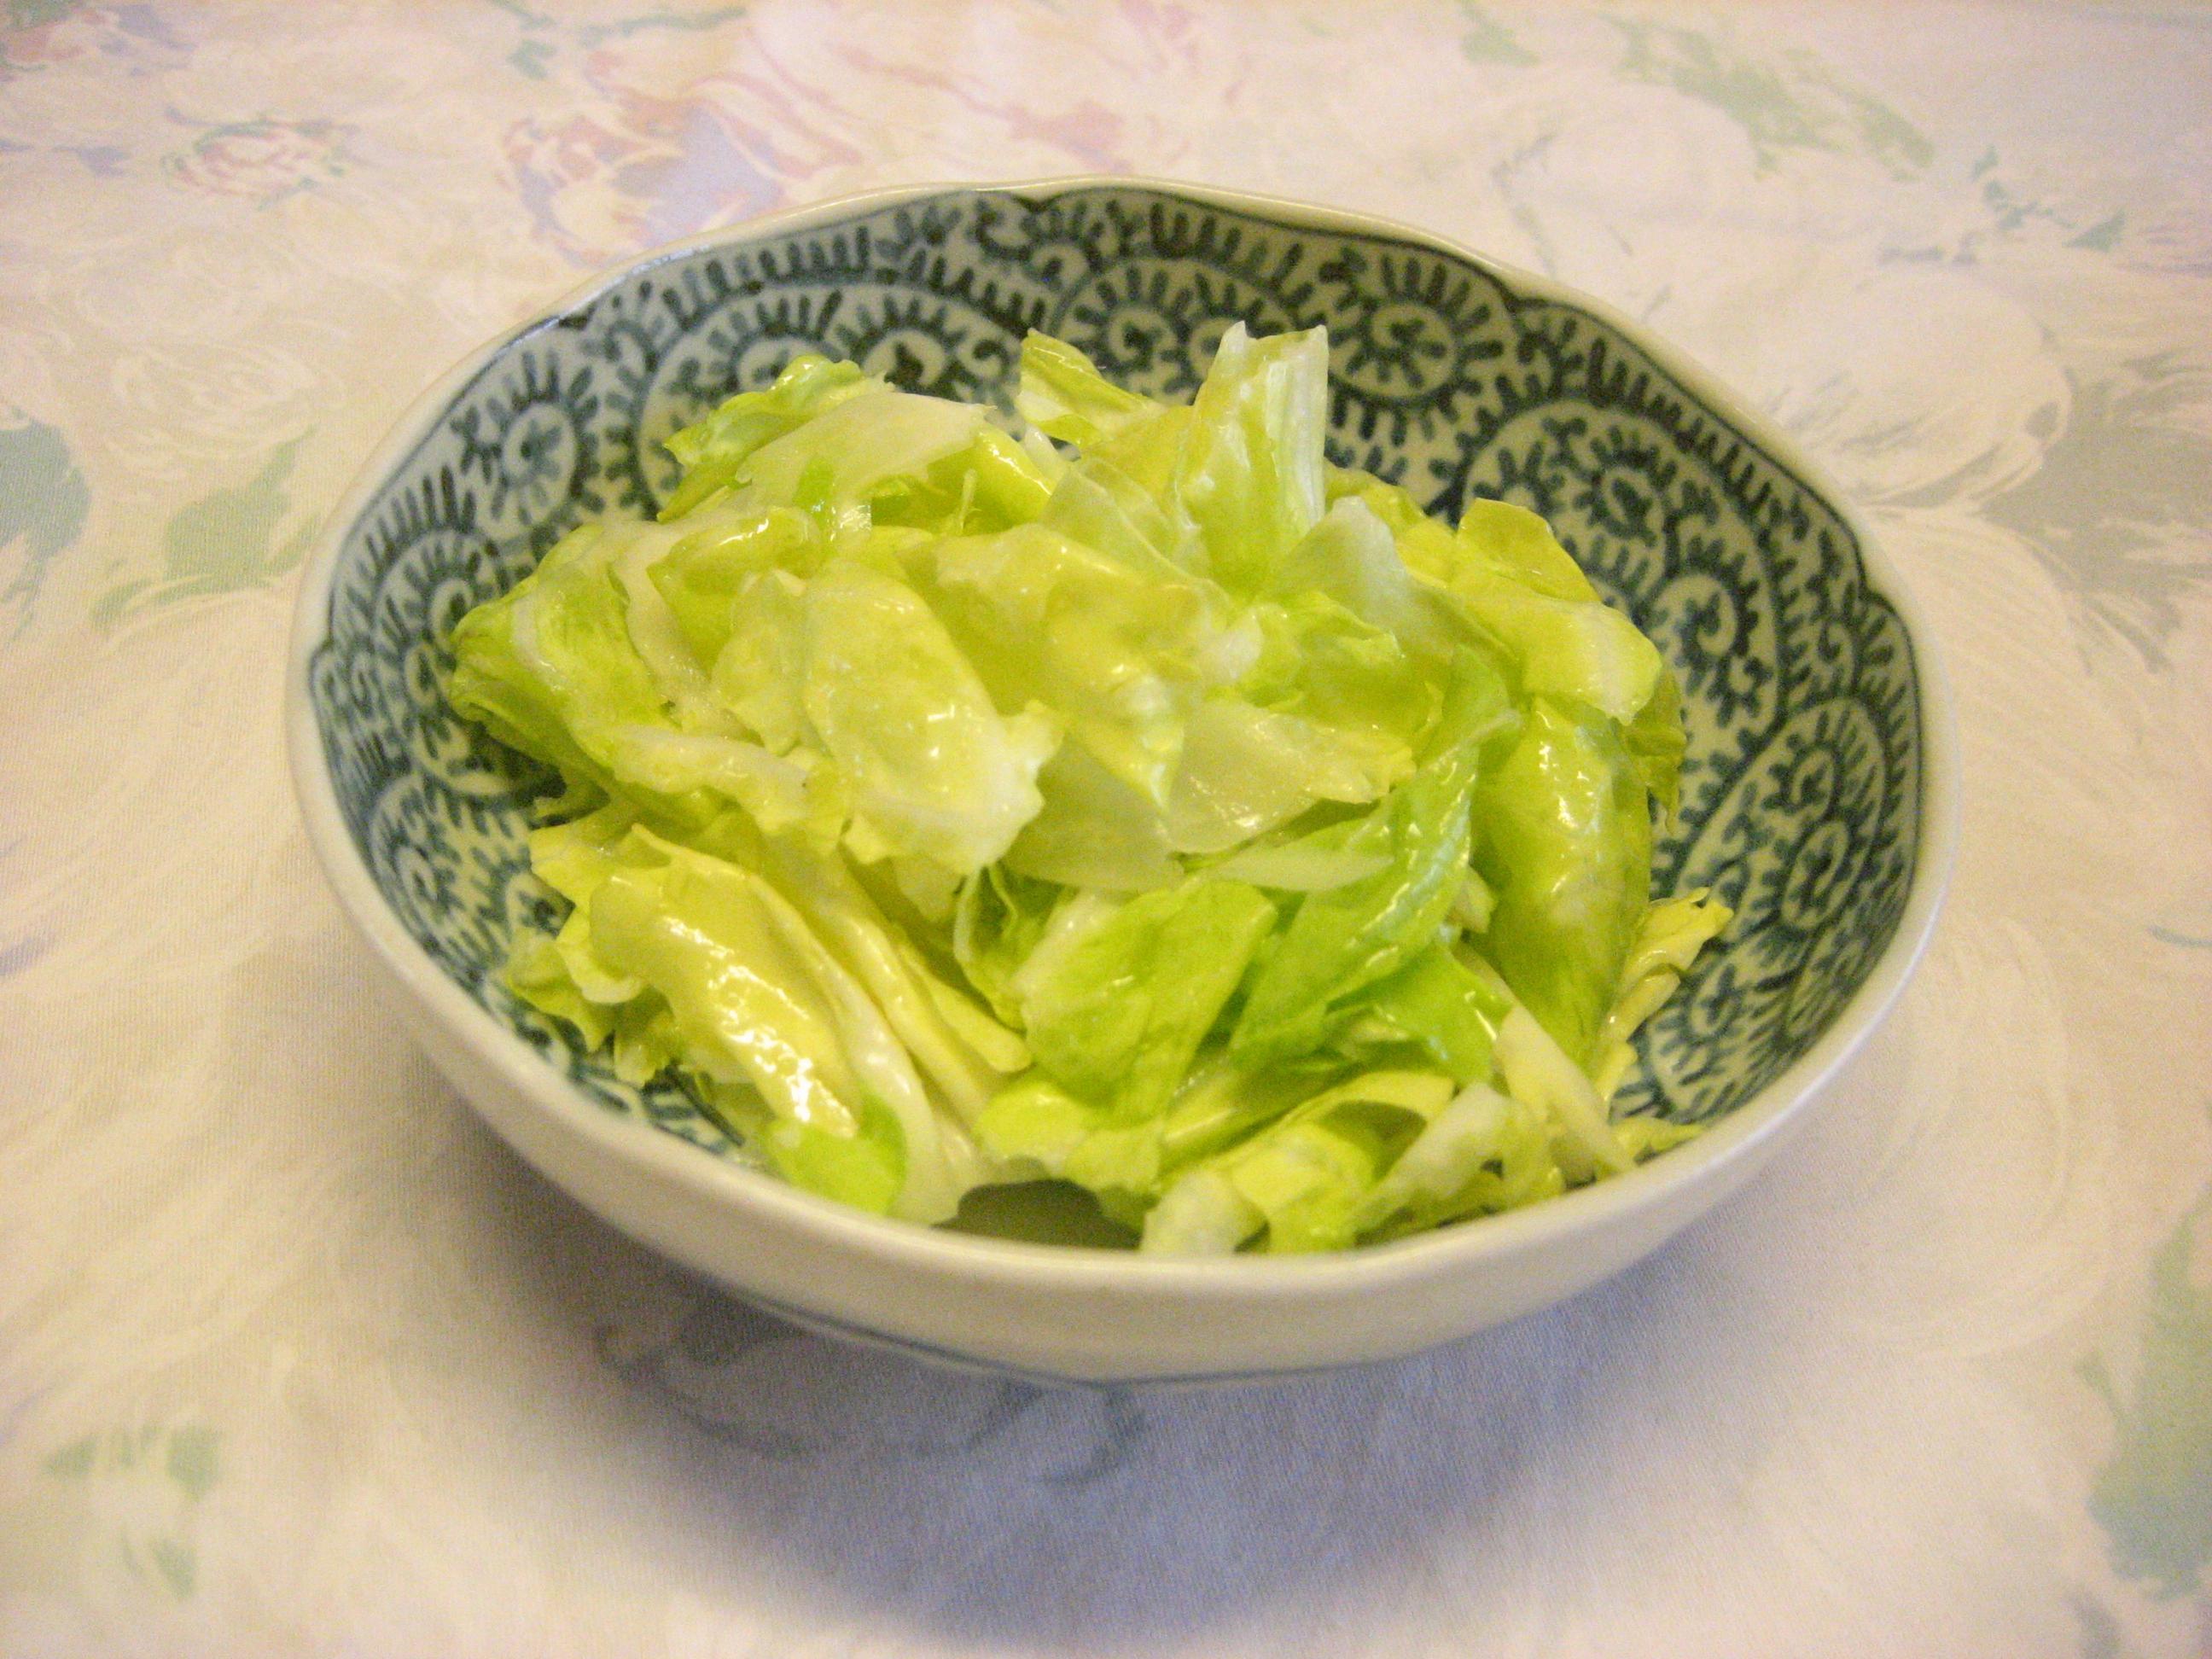 キャベツを使った大人気レシピ!おすすめを一挙大公開しますのサムネイル画像